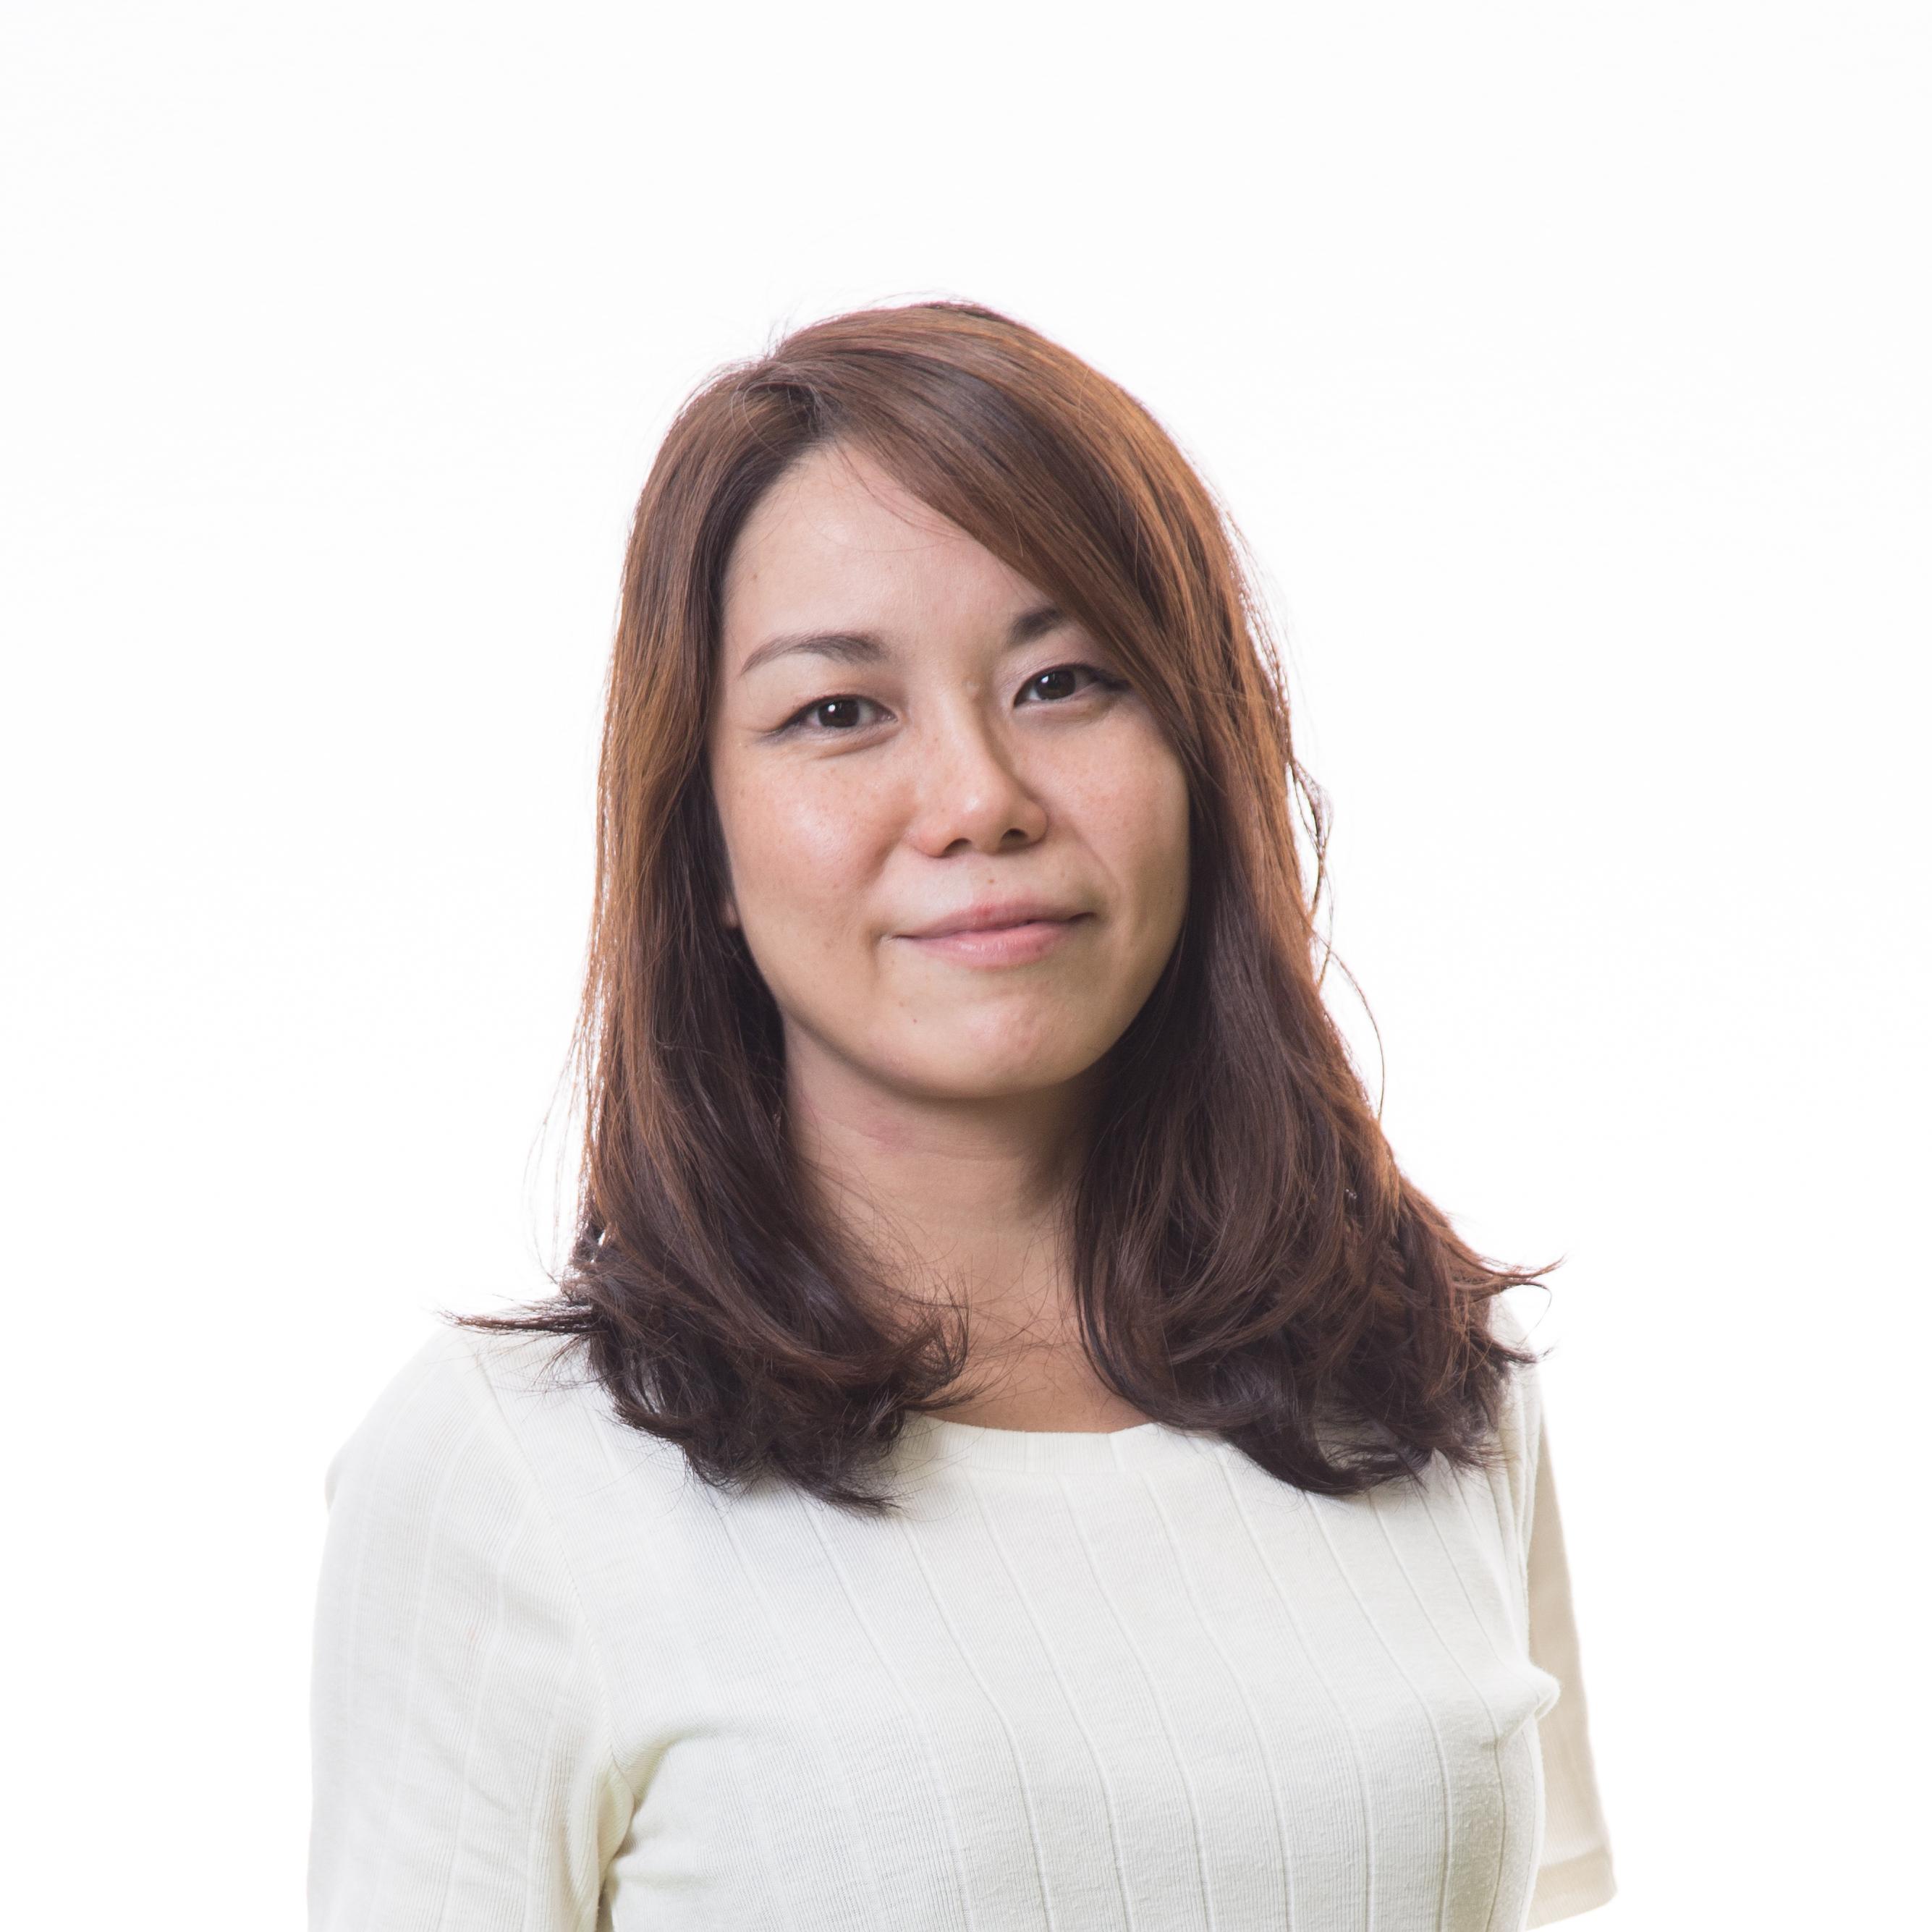 Yumiko.S